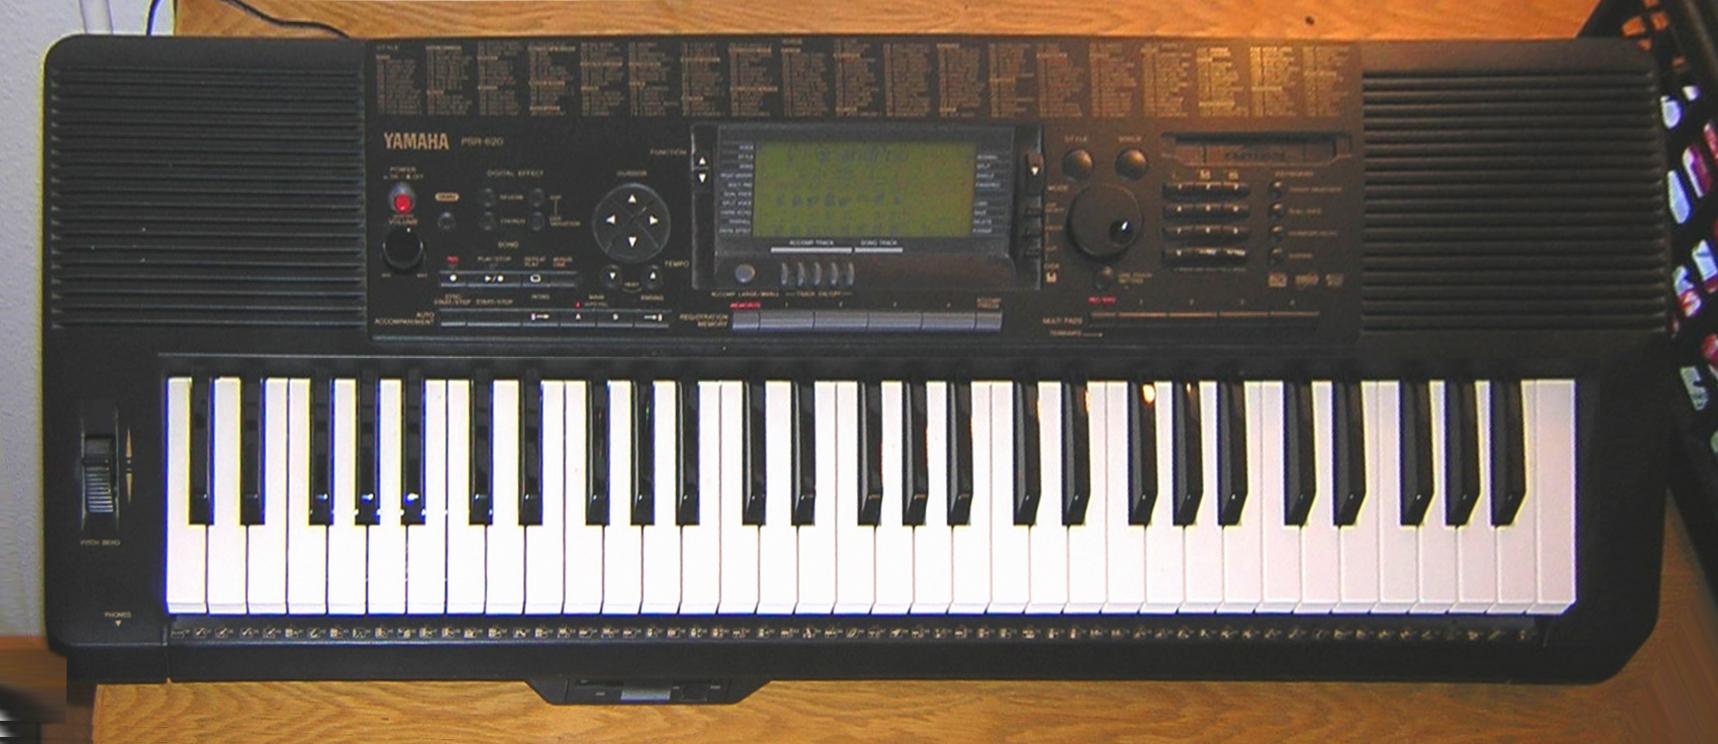 Psr Eyamaha Keyboard Price